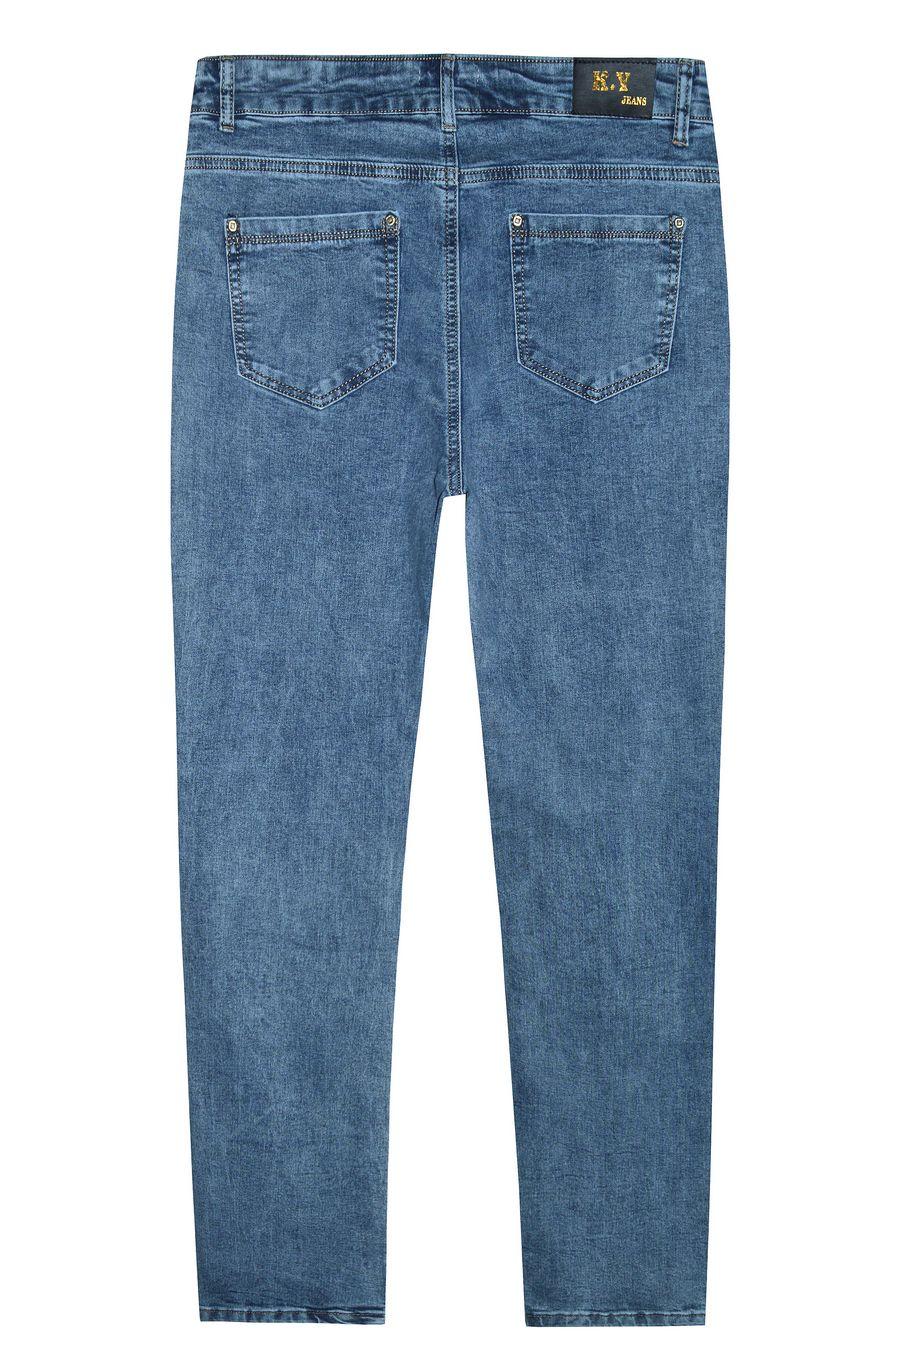 Джинсы женские K.Y Jeans LC612 - фото 2